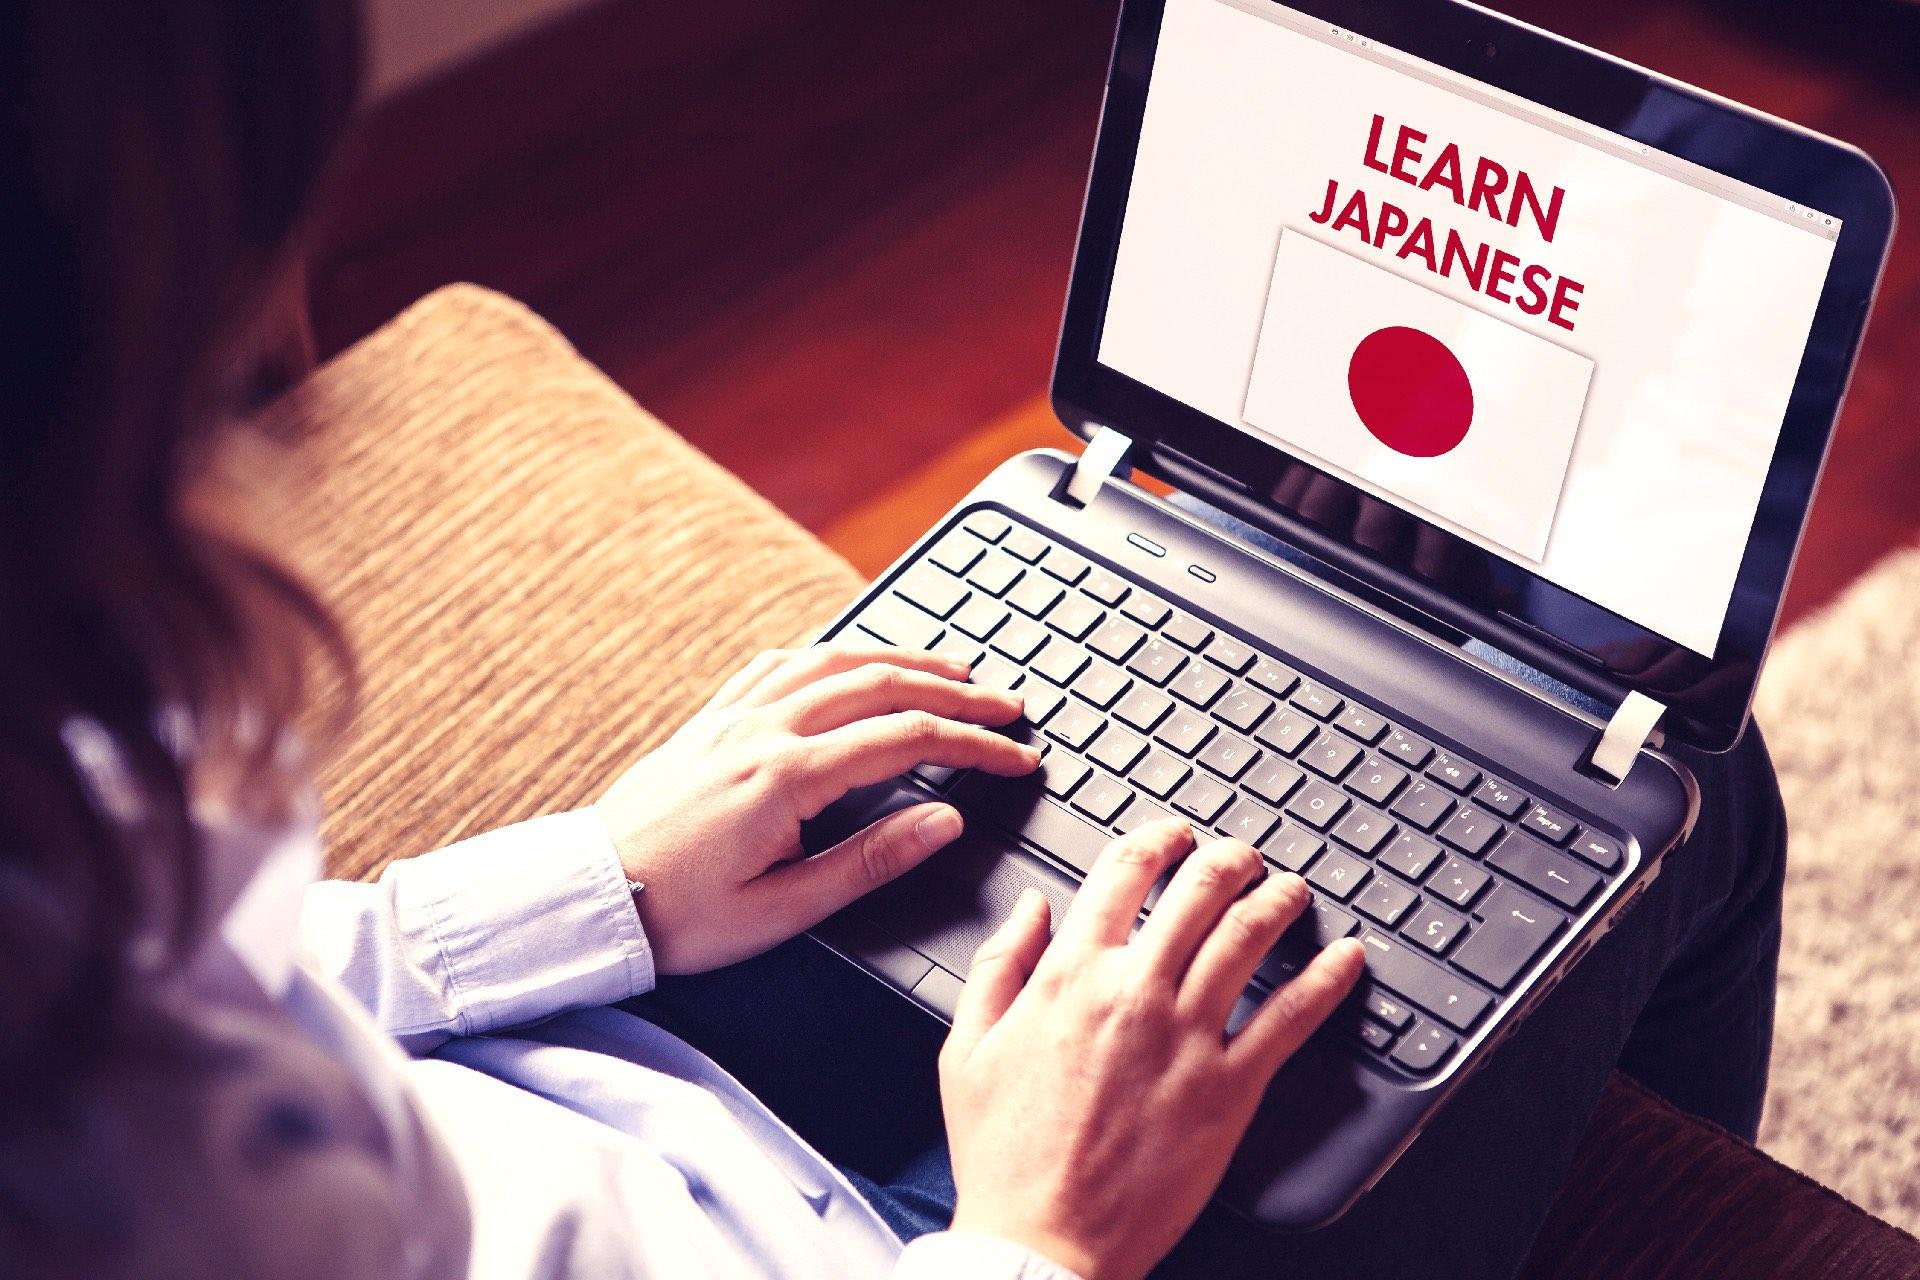 【海外工作系列】到日本工作,我的日文程度是會說「歐伊希」行得通嗎?